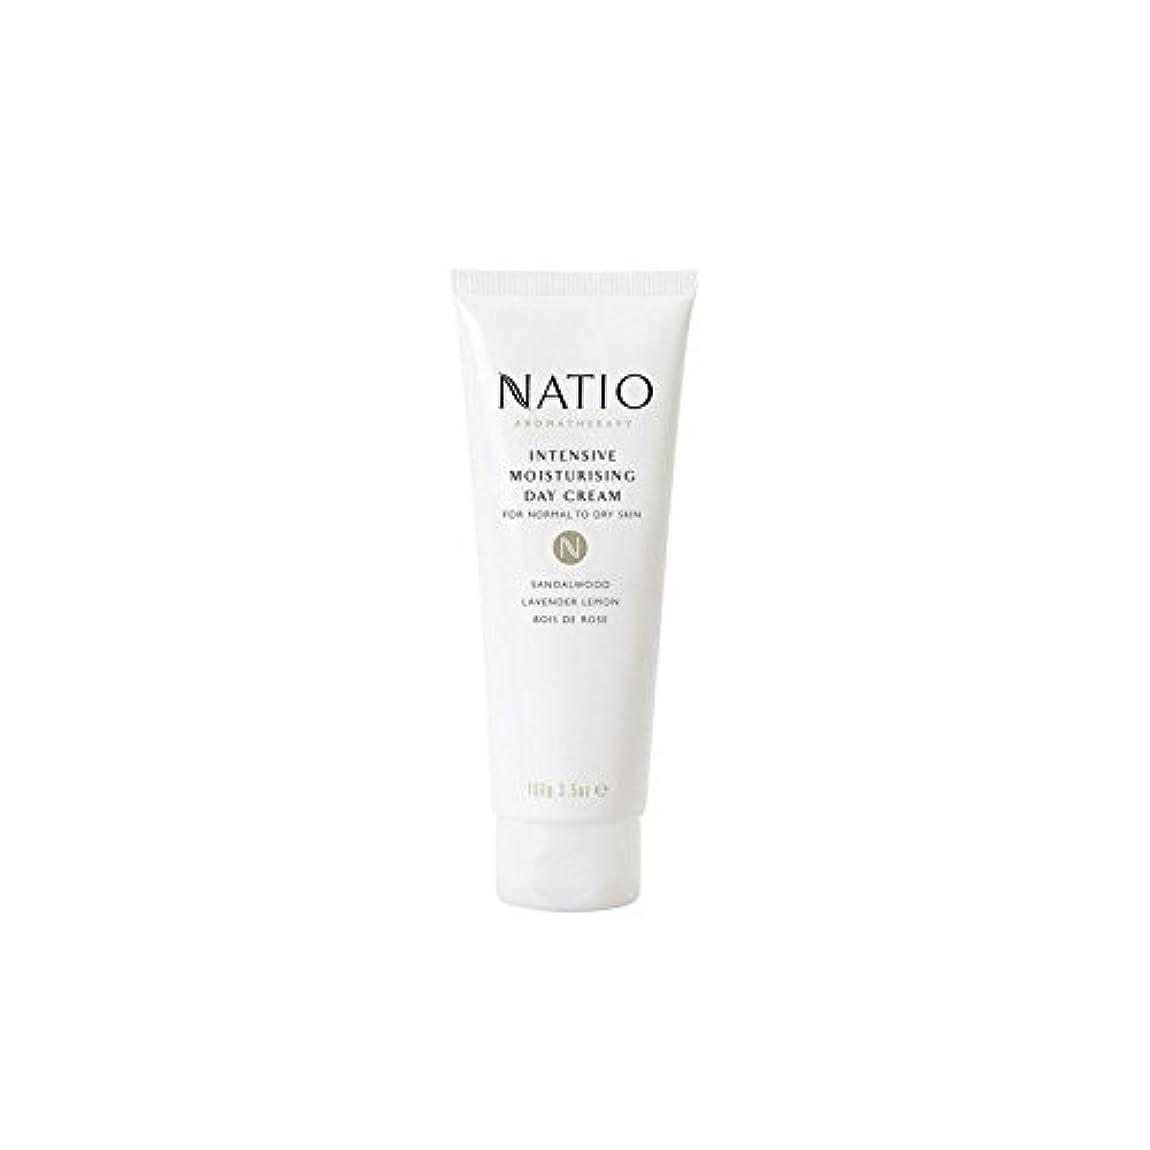 マートプロフェッショナル可動式集中的な保湿デイクリーム(100グラム) x4 - Natio Intensive Moisturising Day Cream (100G) (Pack of 4) [並行輸入品]